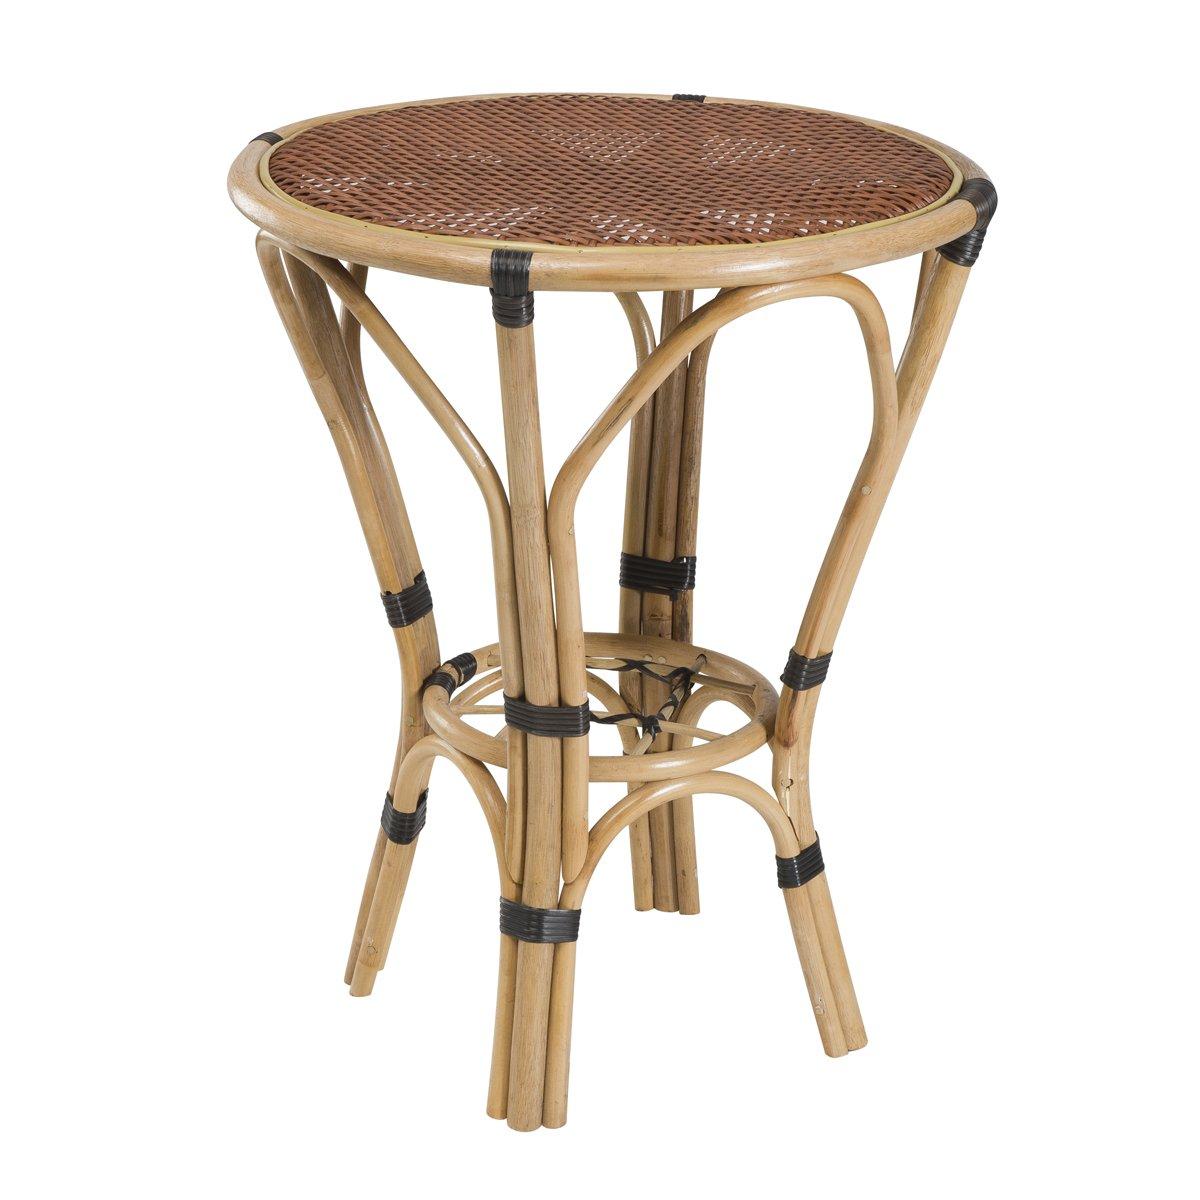 Runder Bistrotisch Mokka n°3 – Gartentisch – Polyrattan/Bambus günstig bestellen